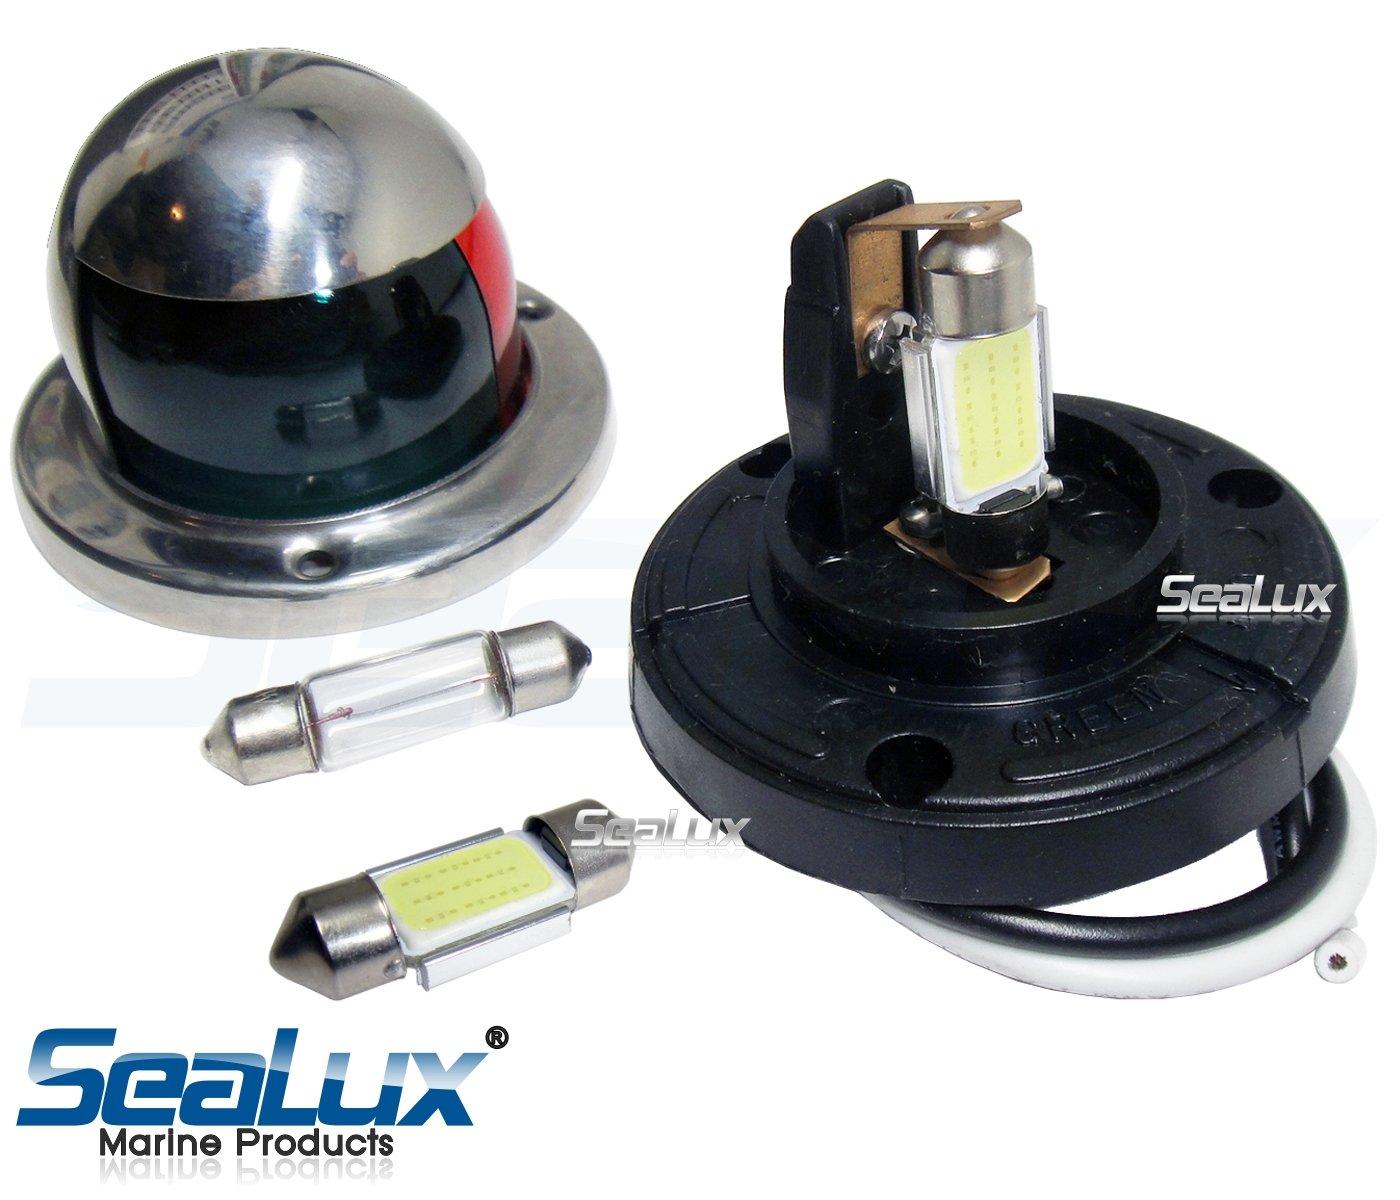 SeaLux Marine 180 deg 31mm Festoon 9 LEDs Cool White Navigation Bulbs for Masthead / Stern Light / Navigation Lights / Anchor Lamp (pair)